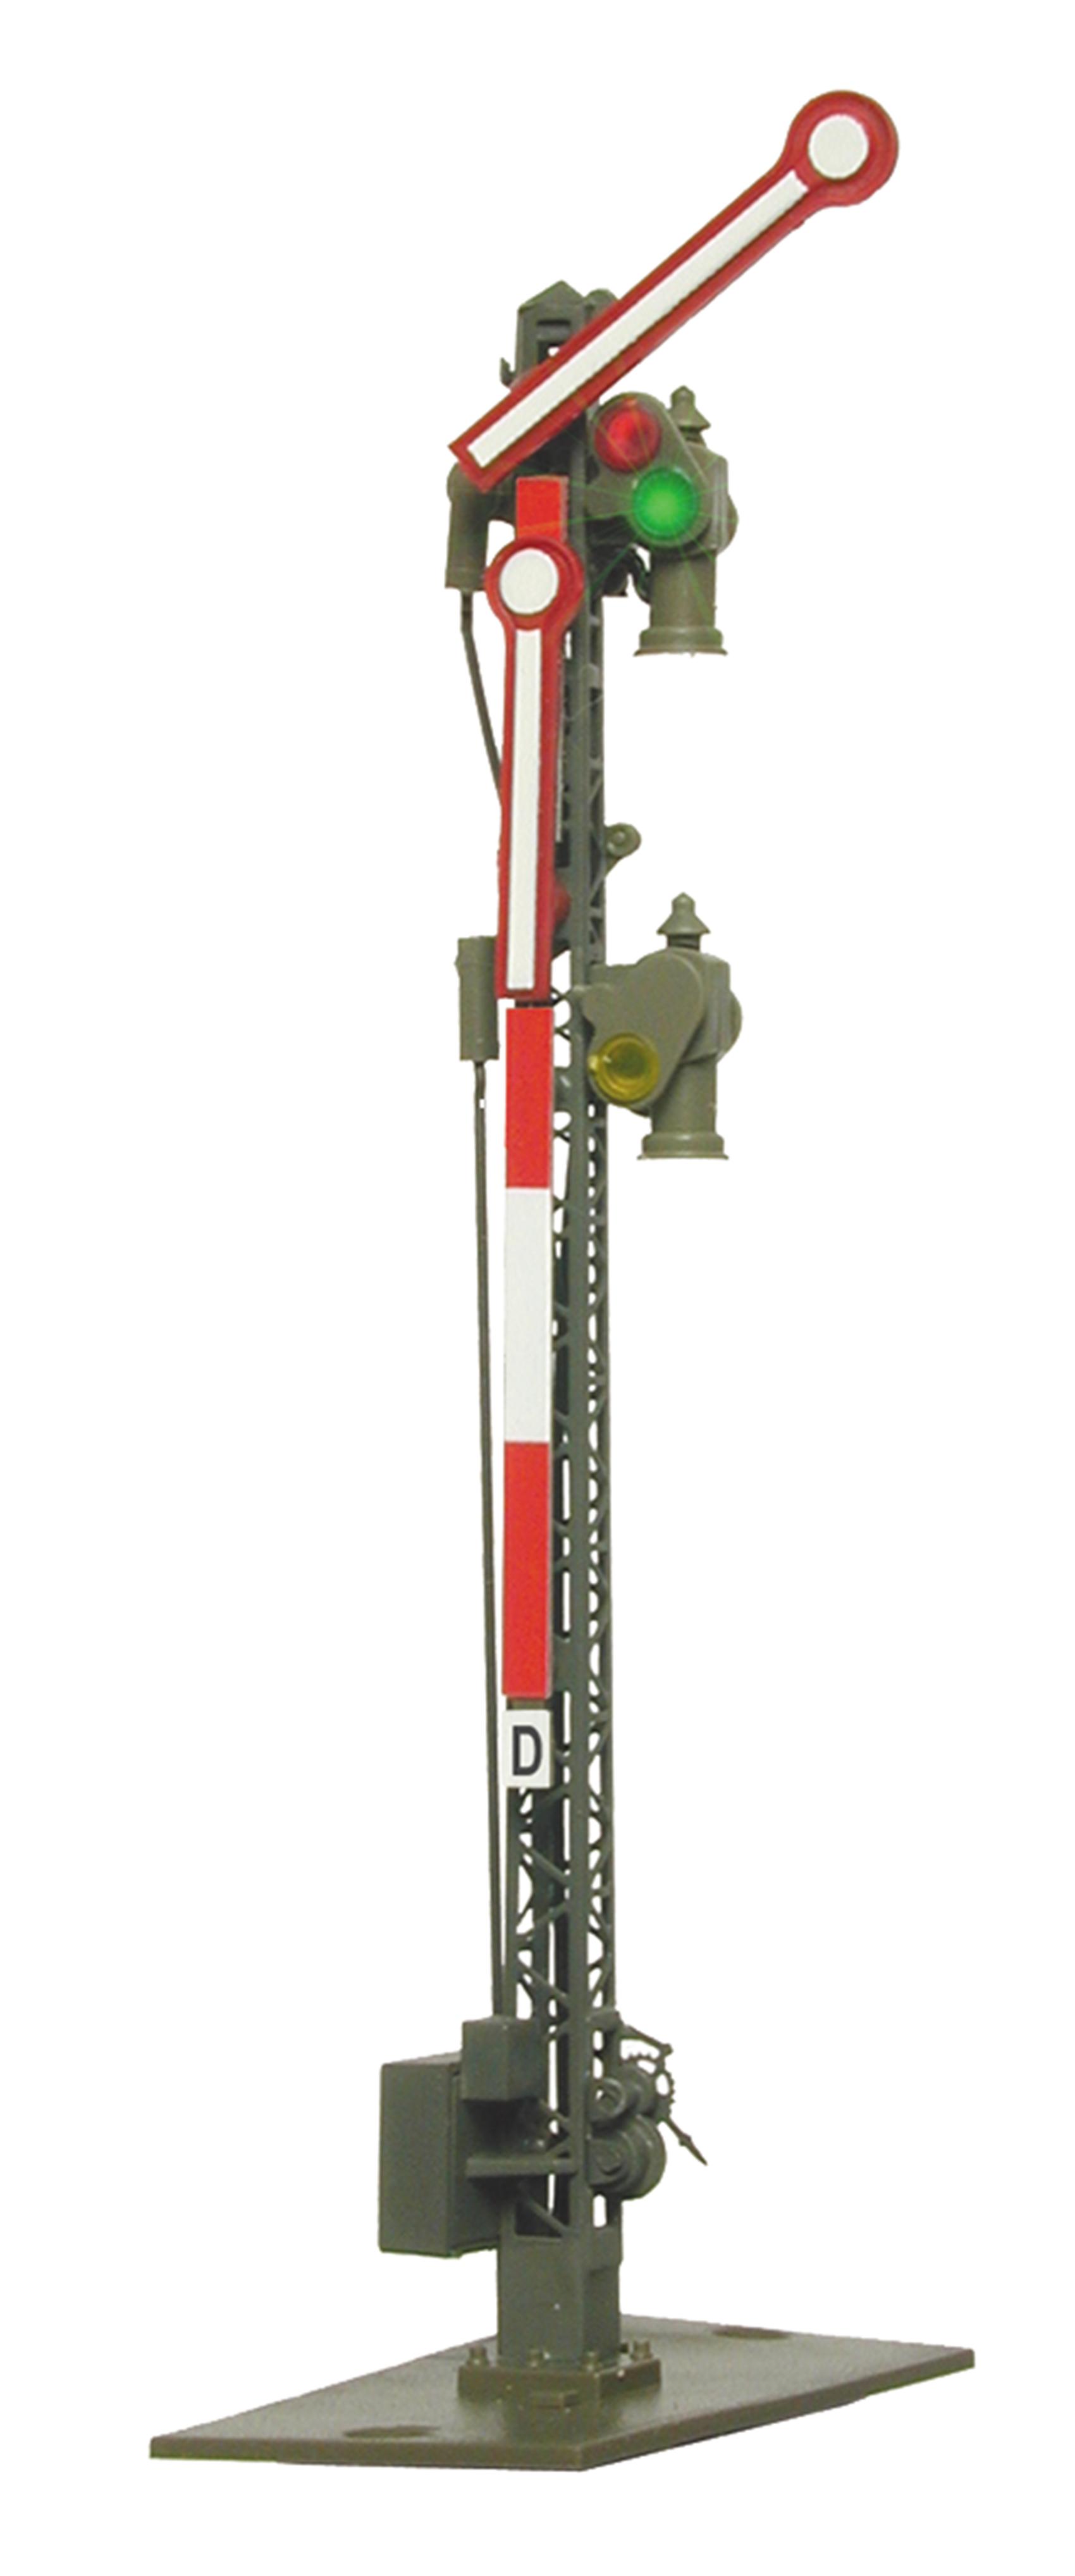 Viessmann 4902 <br/>Form-Hauptsignal, 2-flügelig, ungekoppelt